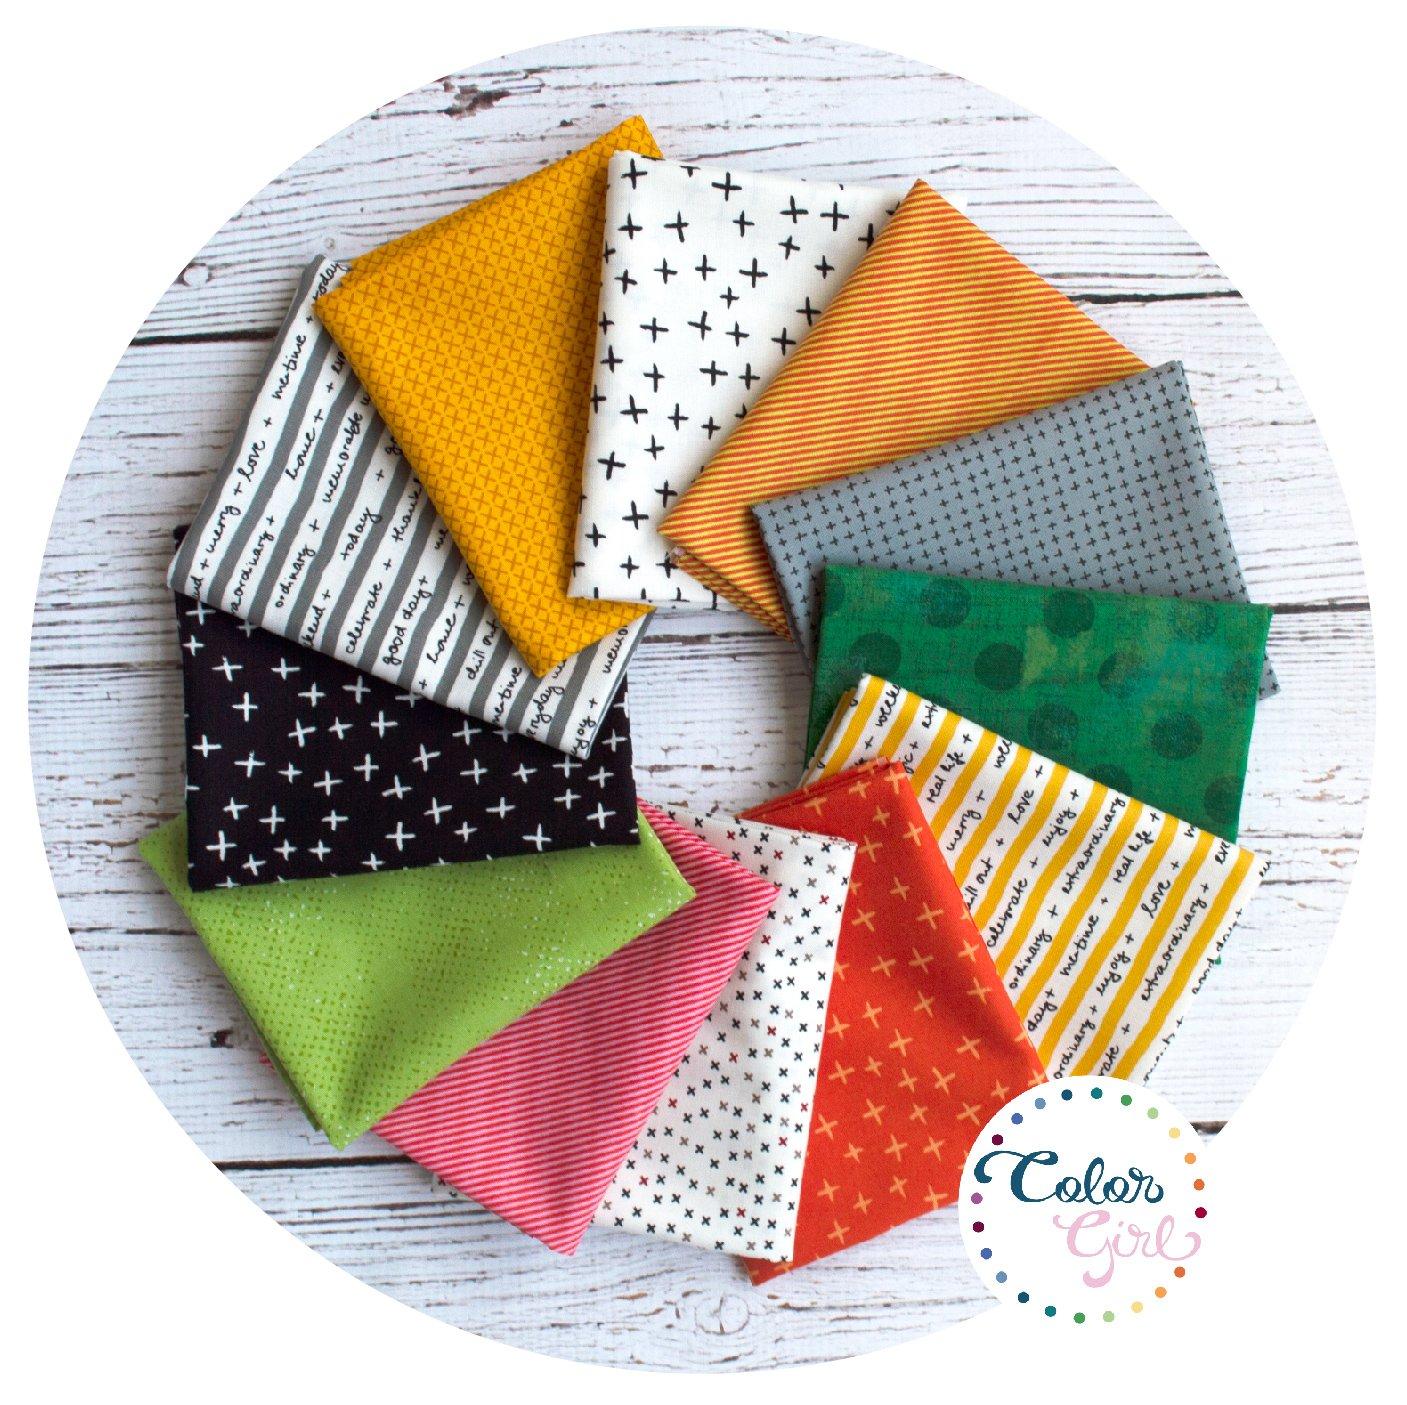 Sew Colorful Quotation Bundle